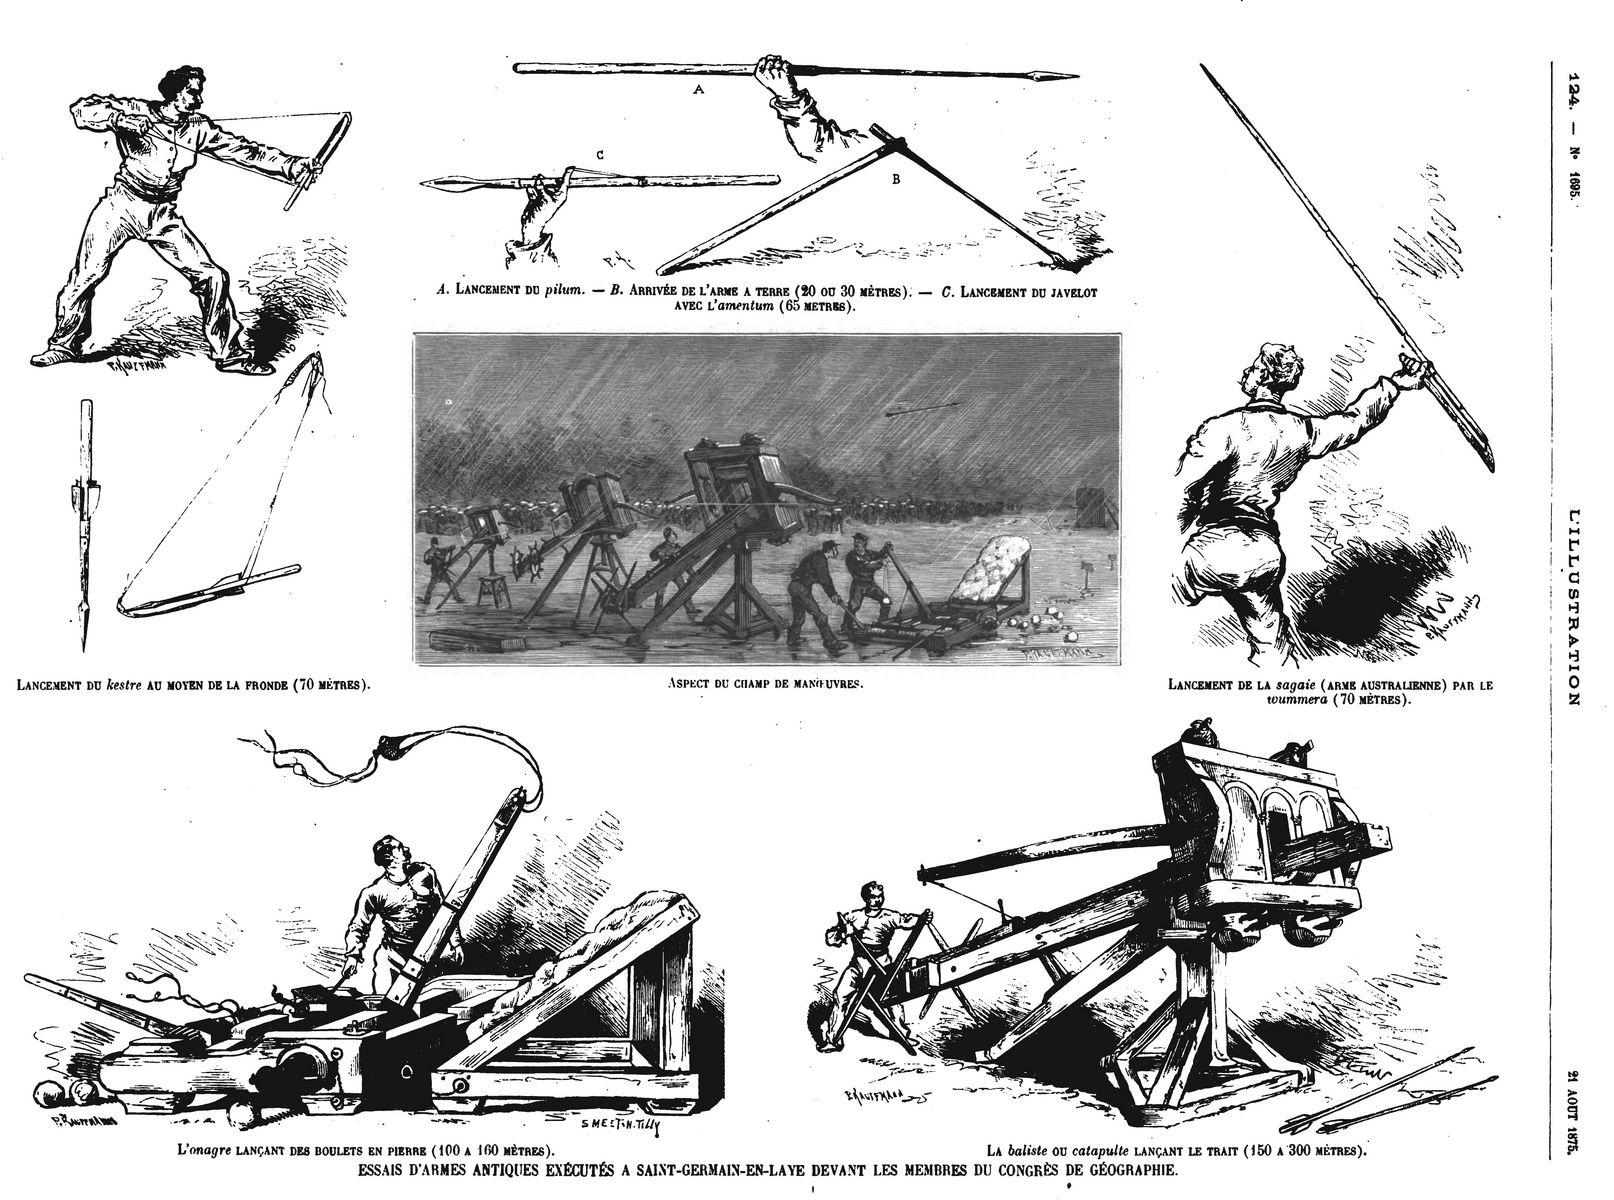 Essais d'armes antiques exécutés à Saint-Germain-en-Lave devant les membres du Congrès de géographie (6 gravures).